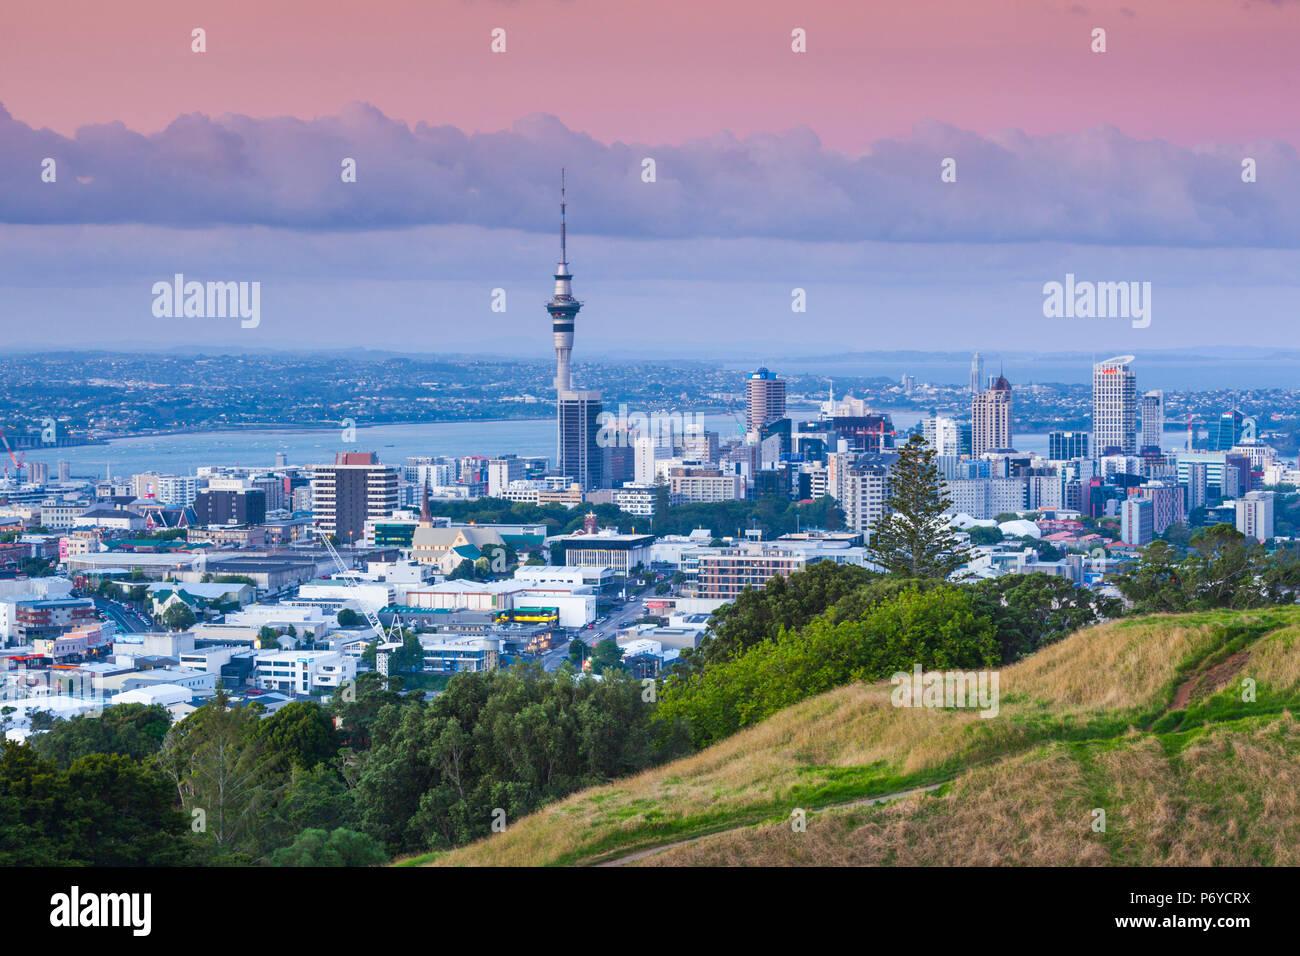 Nuova Zelanda, Isola del nord di Auckland, lo skyline di elevata da Mt. Eden cono del vulcano, crepuscolo Immagini Stock